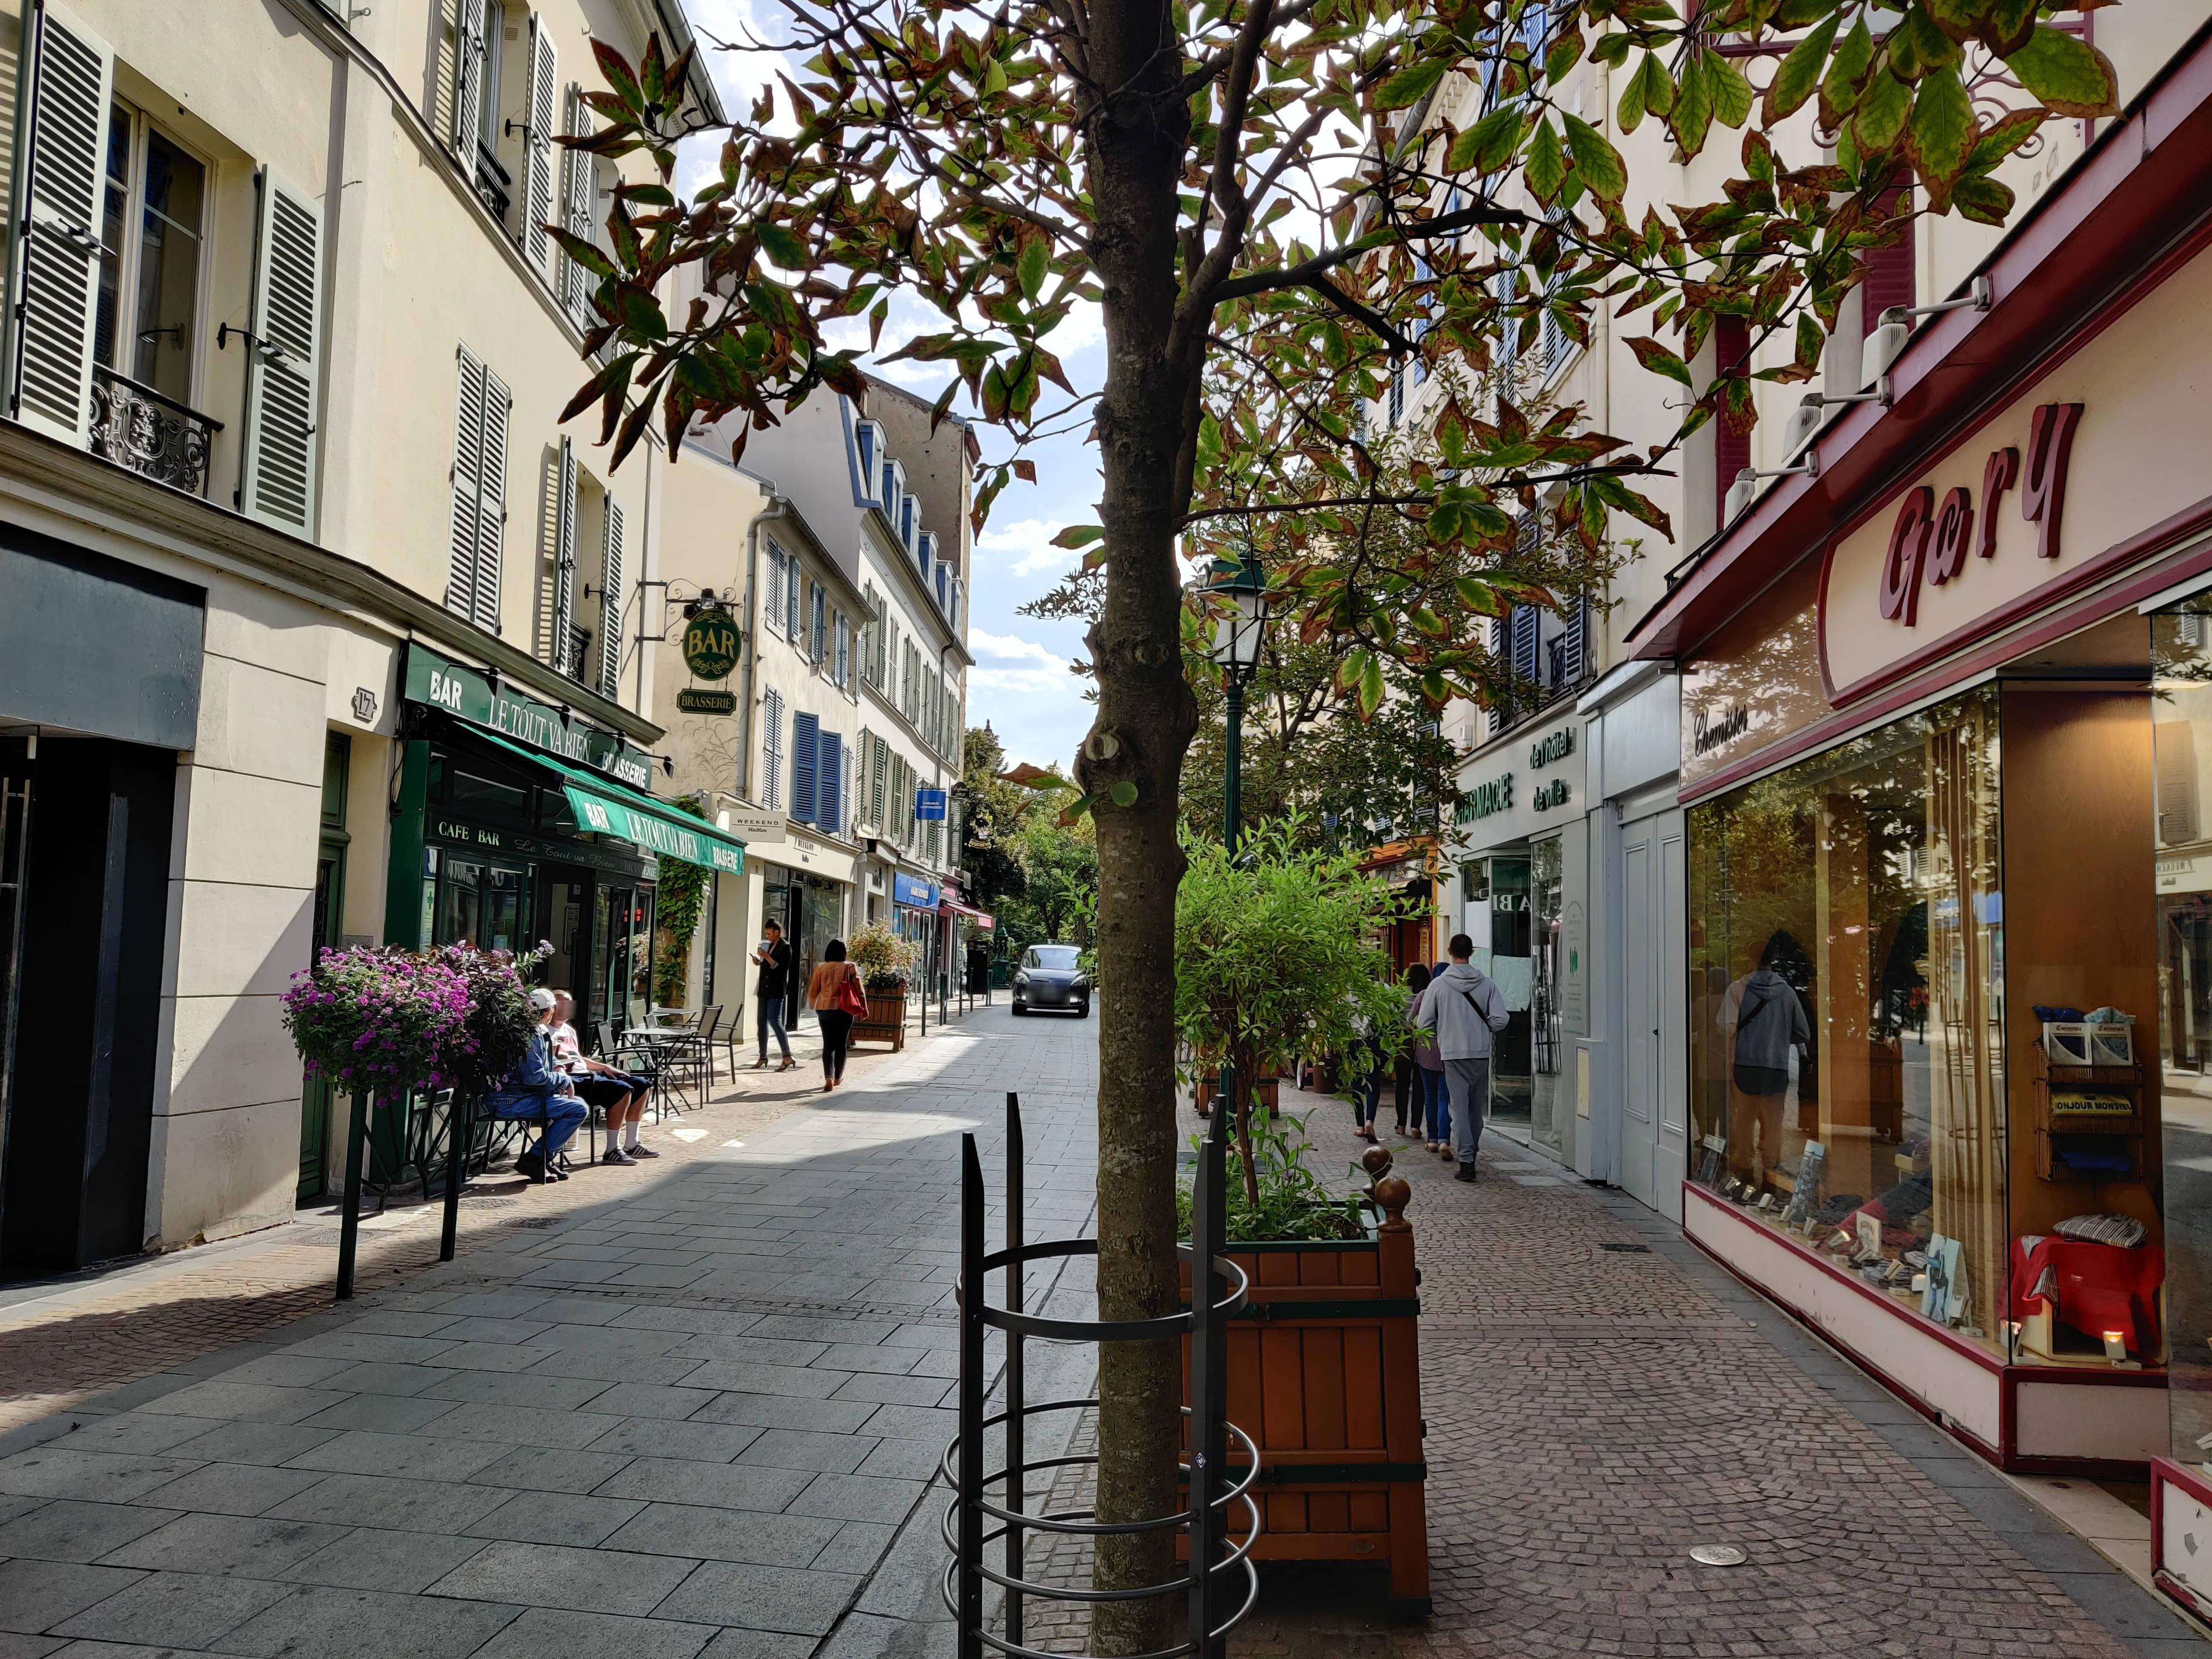 Tournage rueil malmaison les 10 et 19 septembre ville - Office tourisme rueil malmaison ...